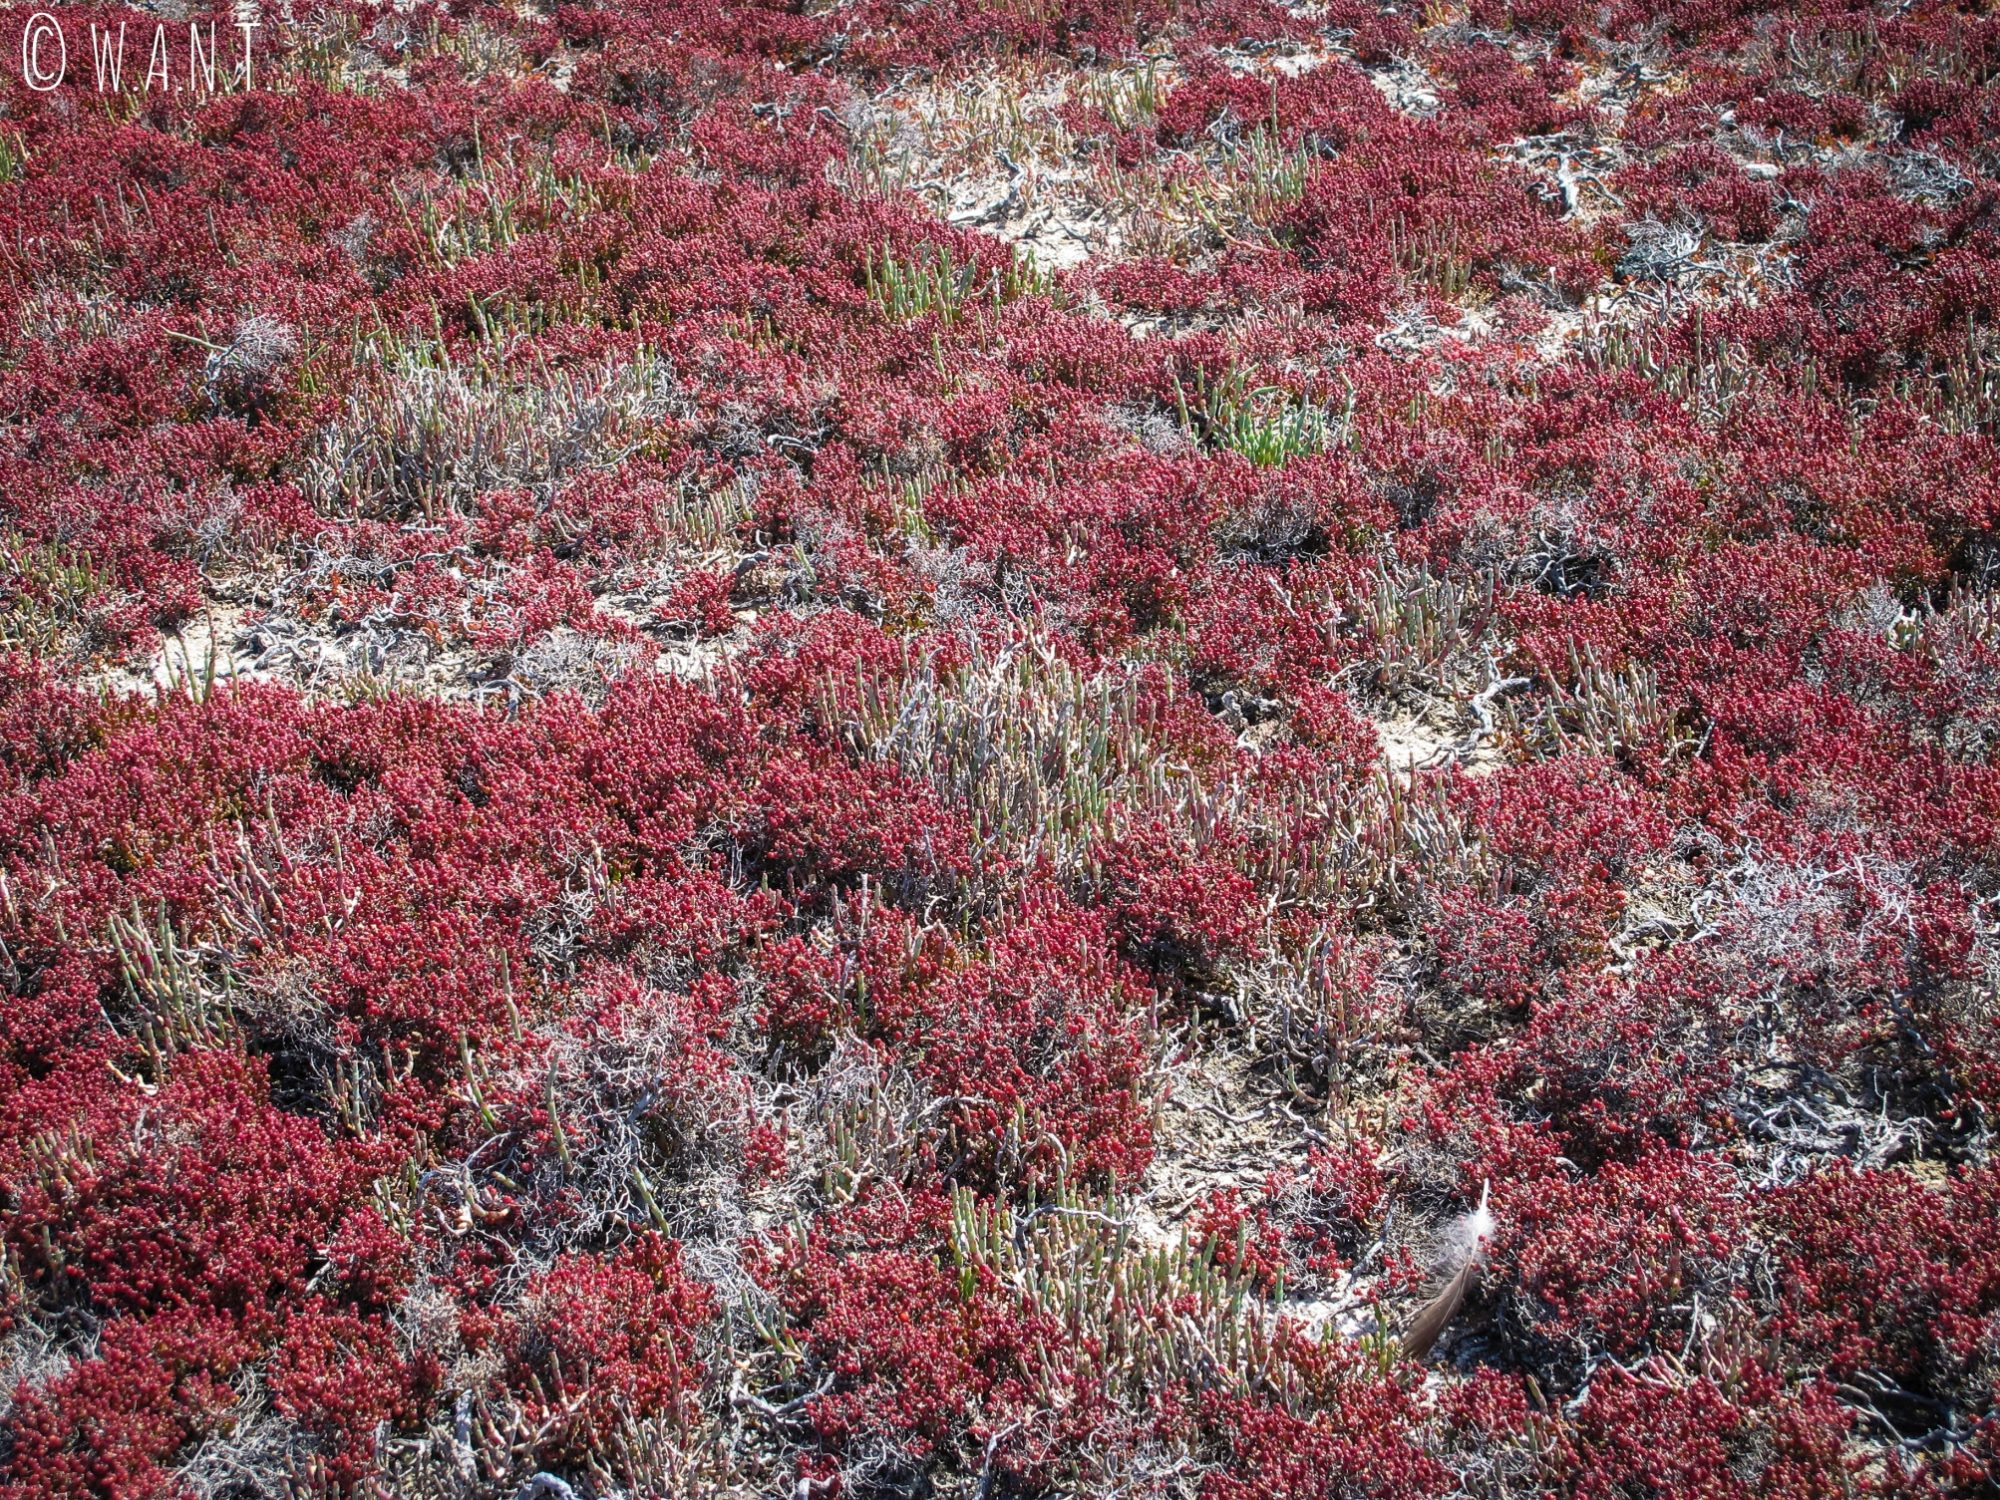 Plantes rouges autour du Pink Lake de Rottnest Island